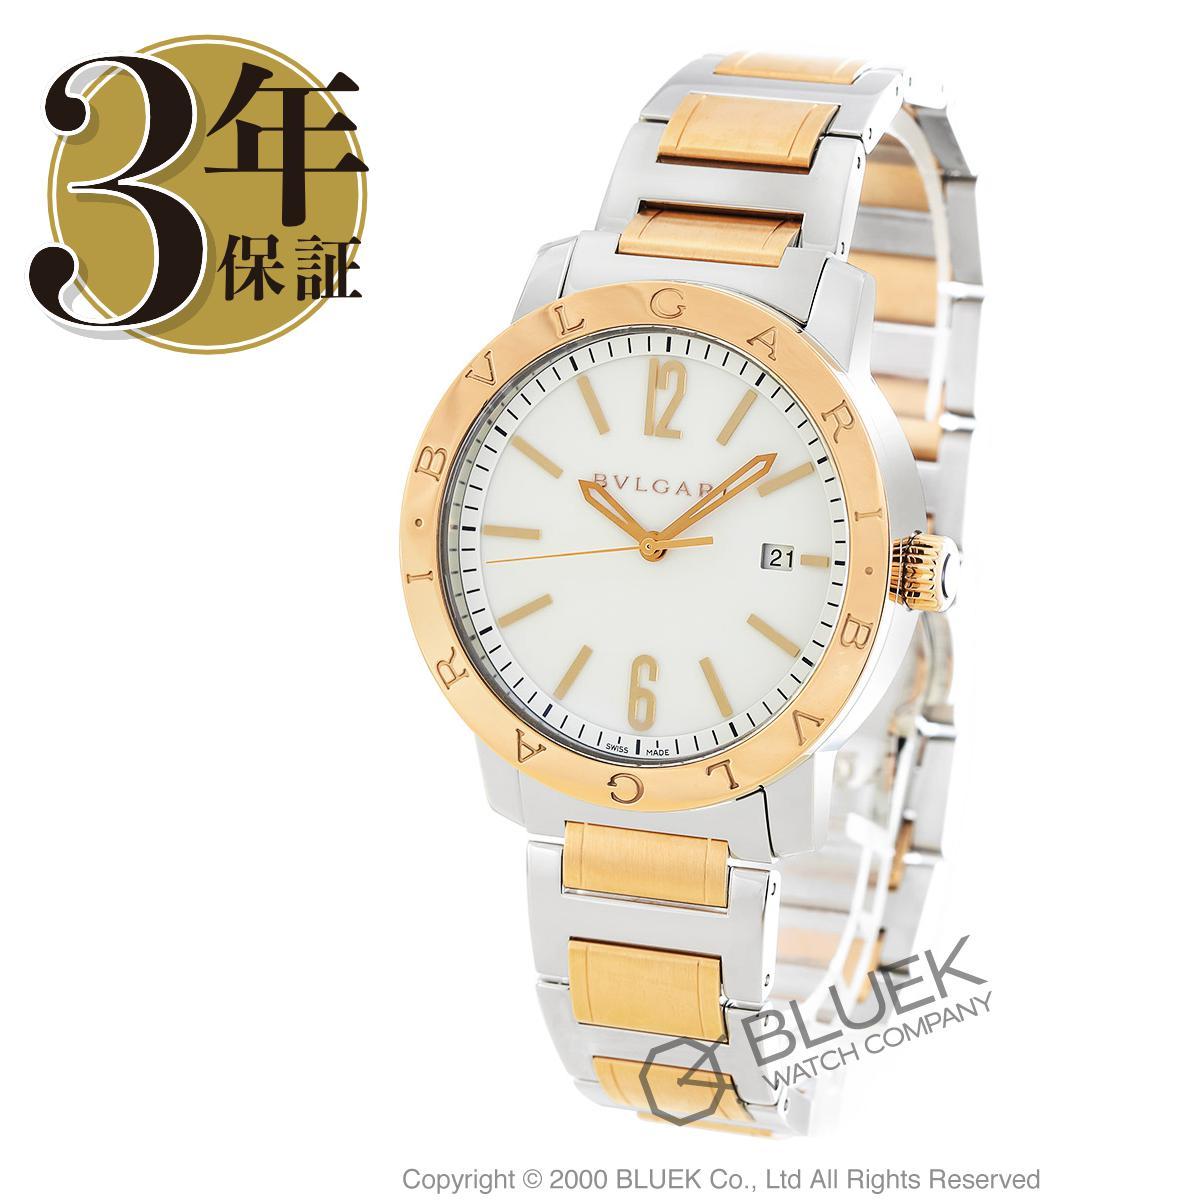 ブルガリ ブルガリブルガリ 腕時計 メンズ BVLGARI BB41WSPGD_8